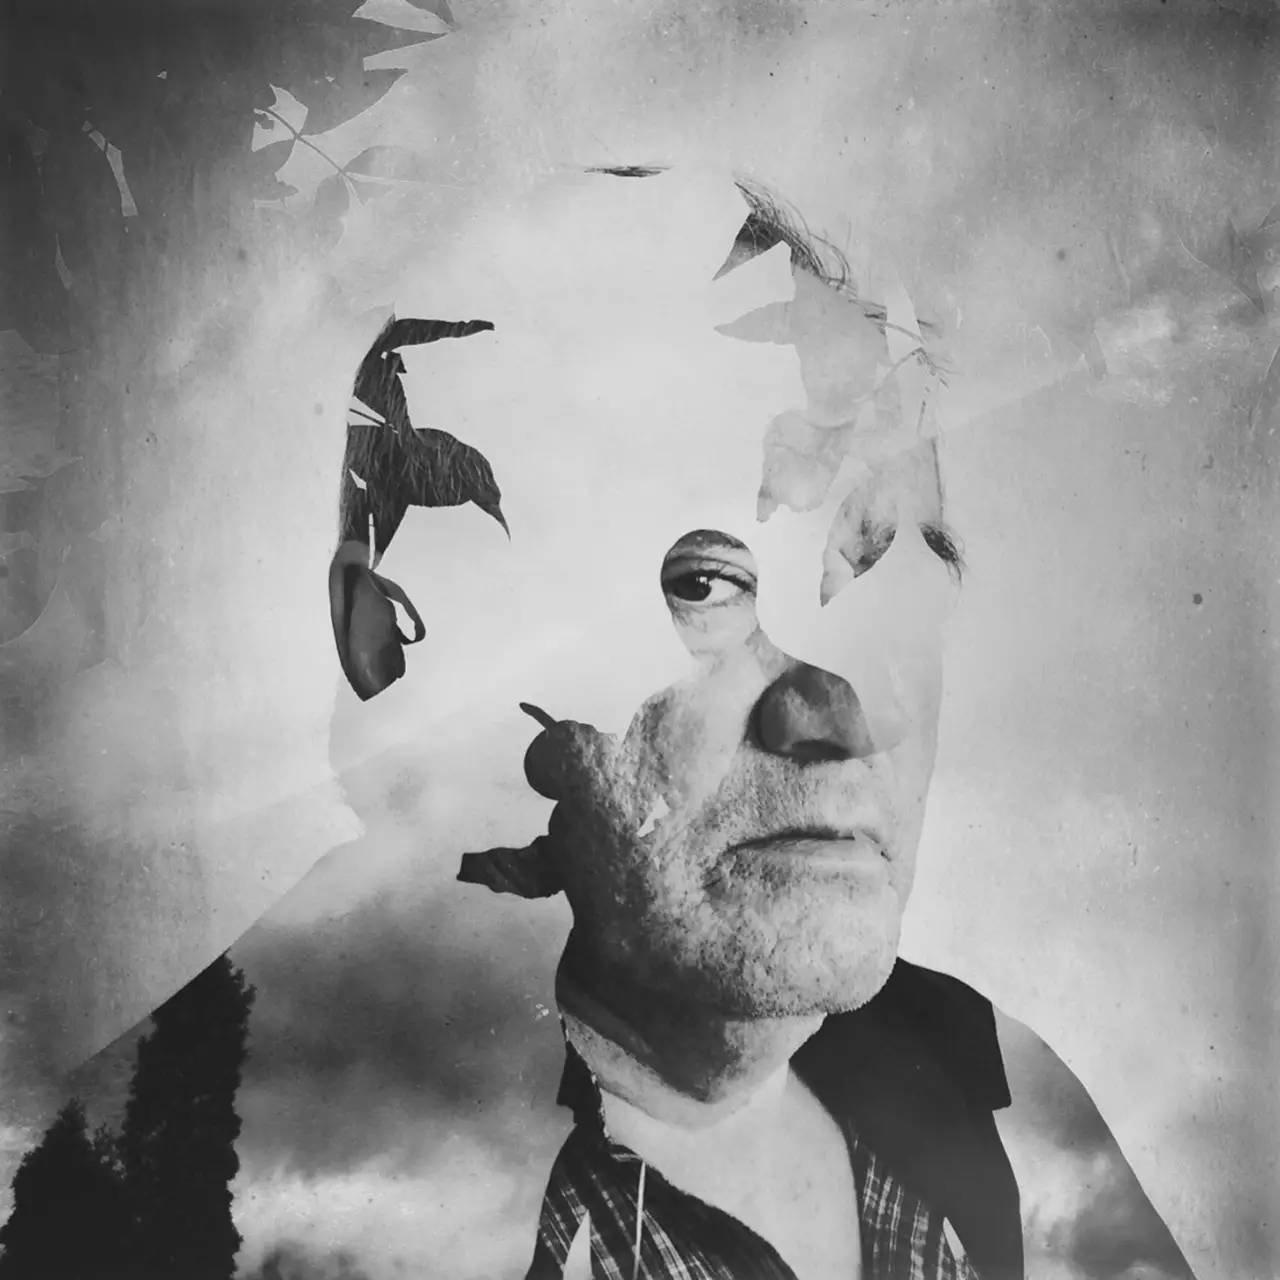 """Grant Severight,1955-1964年就读于St. Philipps寄宿学校。""""消极情绪是可以传染的,如果我们不处理它,它就会延续给下一代,在恐惧中长大的孩子会变成施虐者。我们必须从寄宿学校的创伤中走出来。"""""""